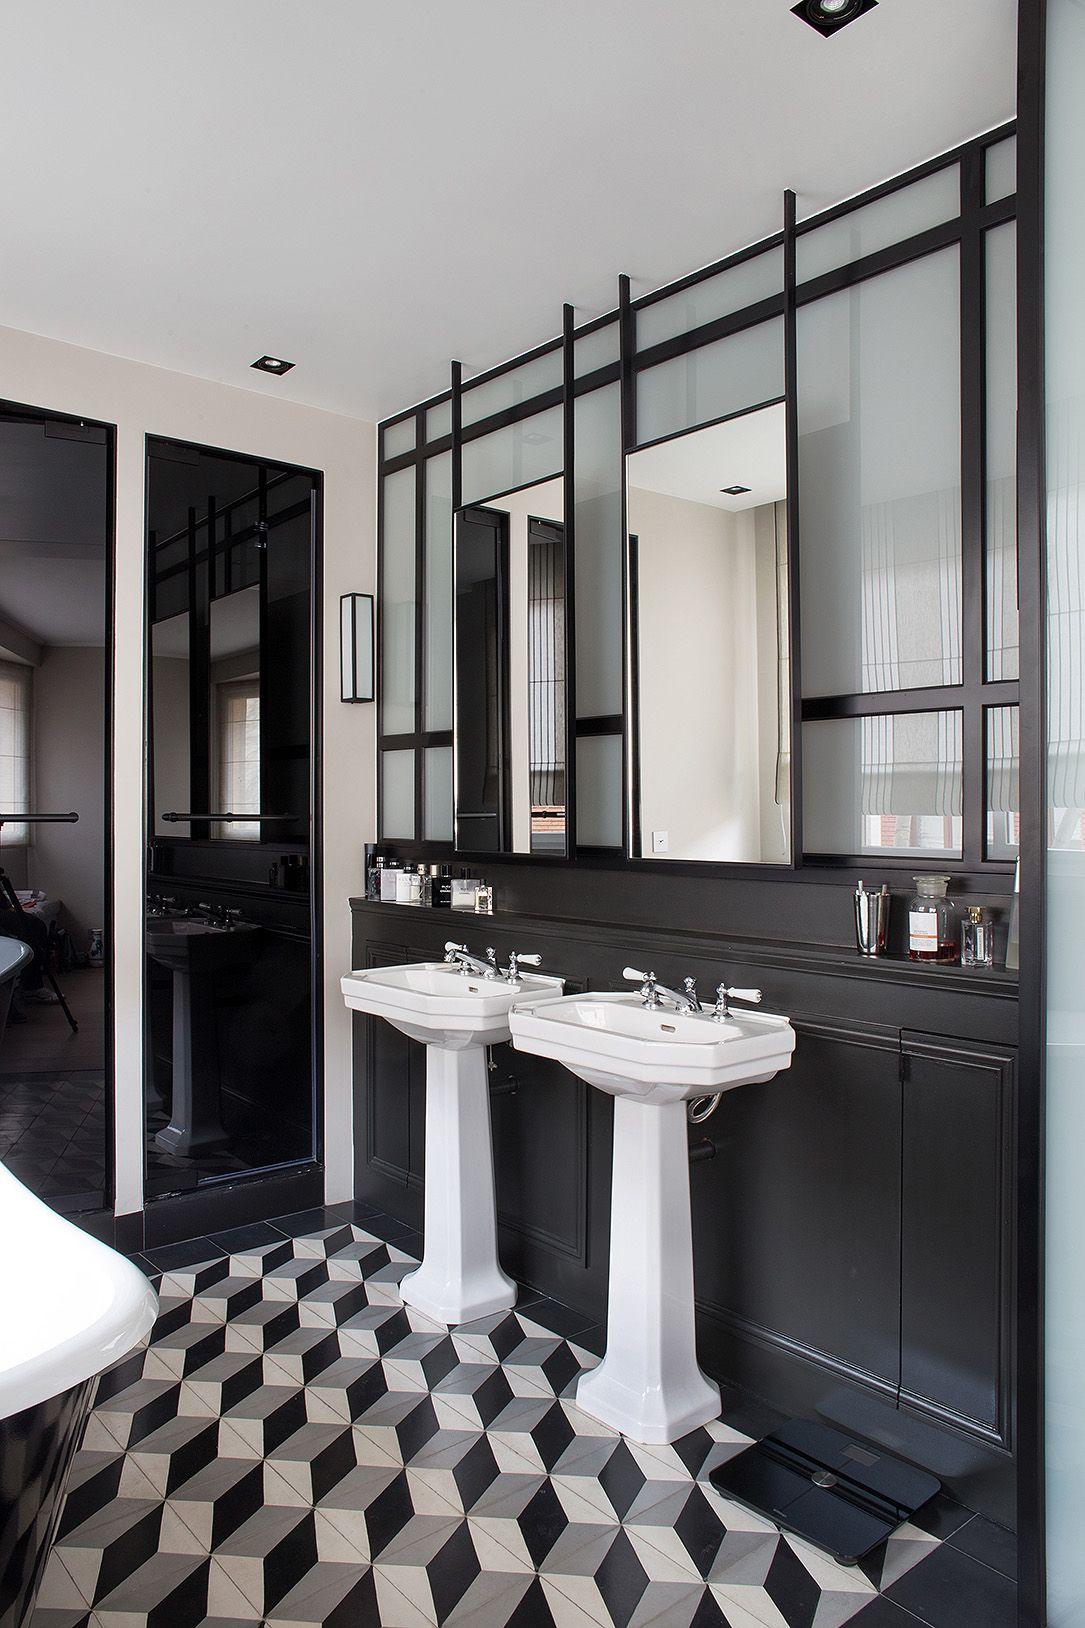 salle de bain noir et blanc black and white bathroom Verrière ...